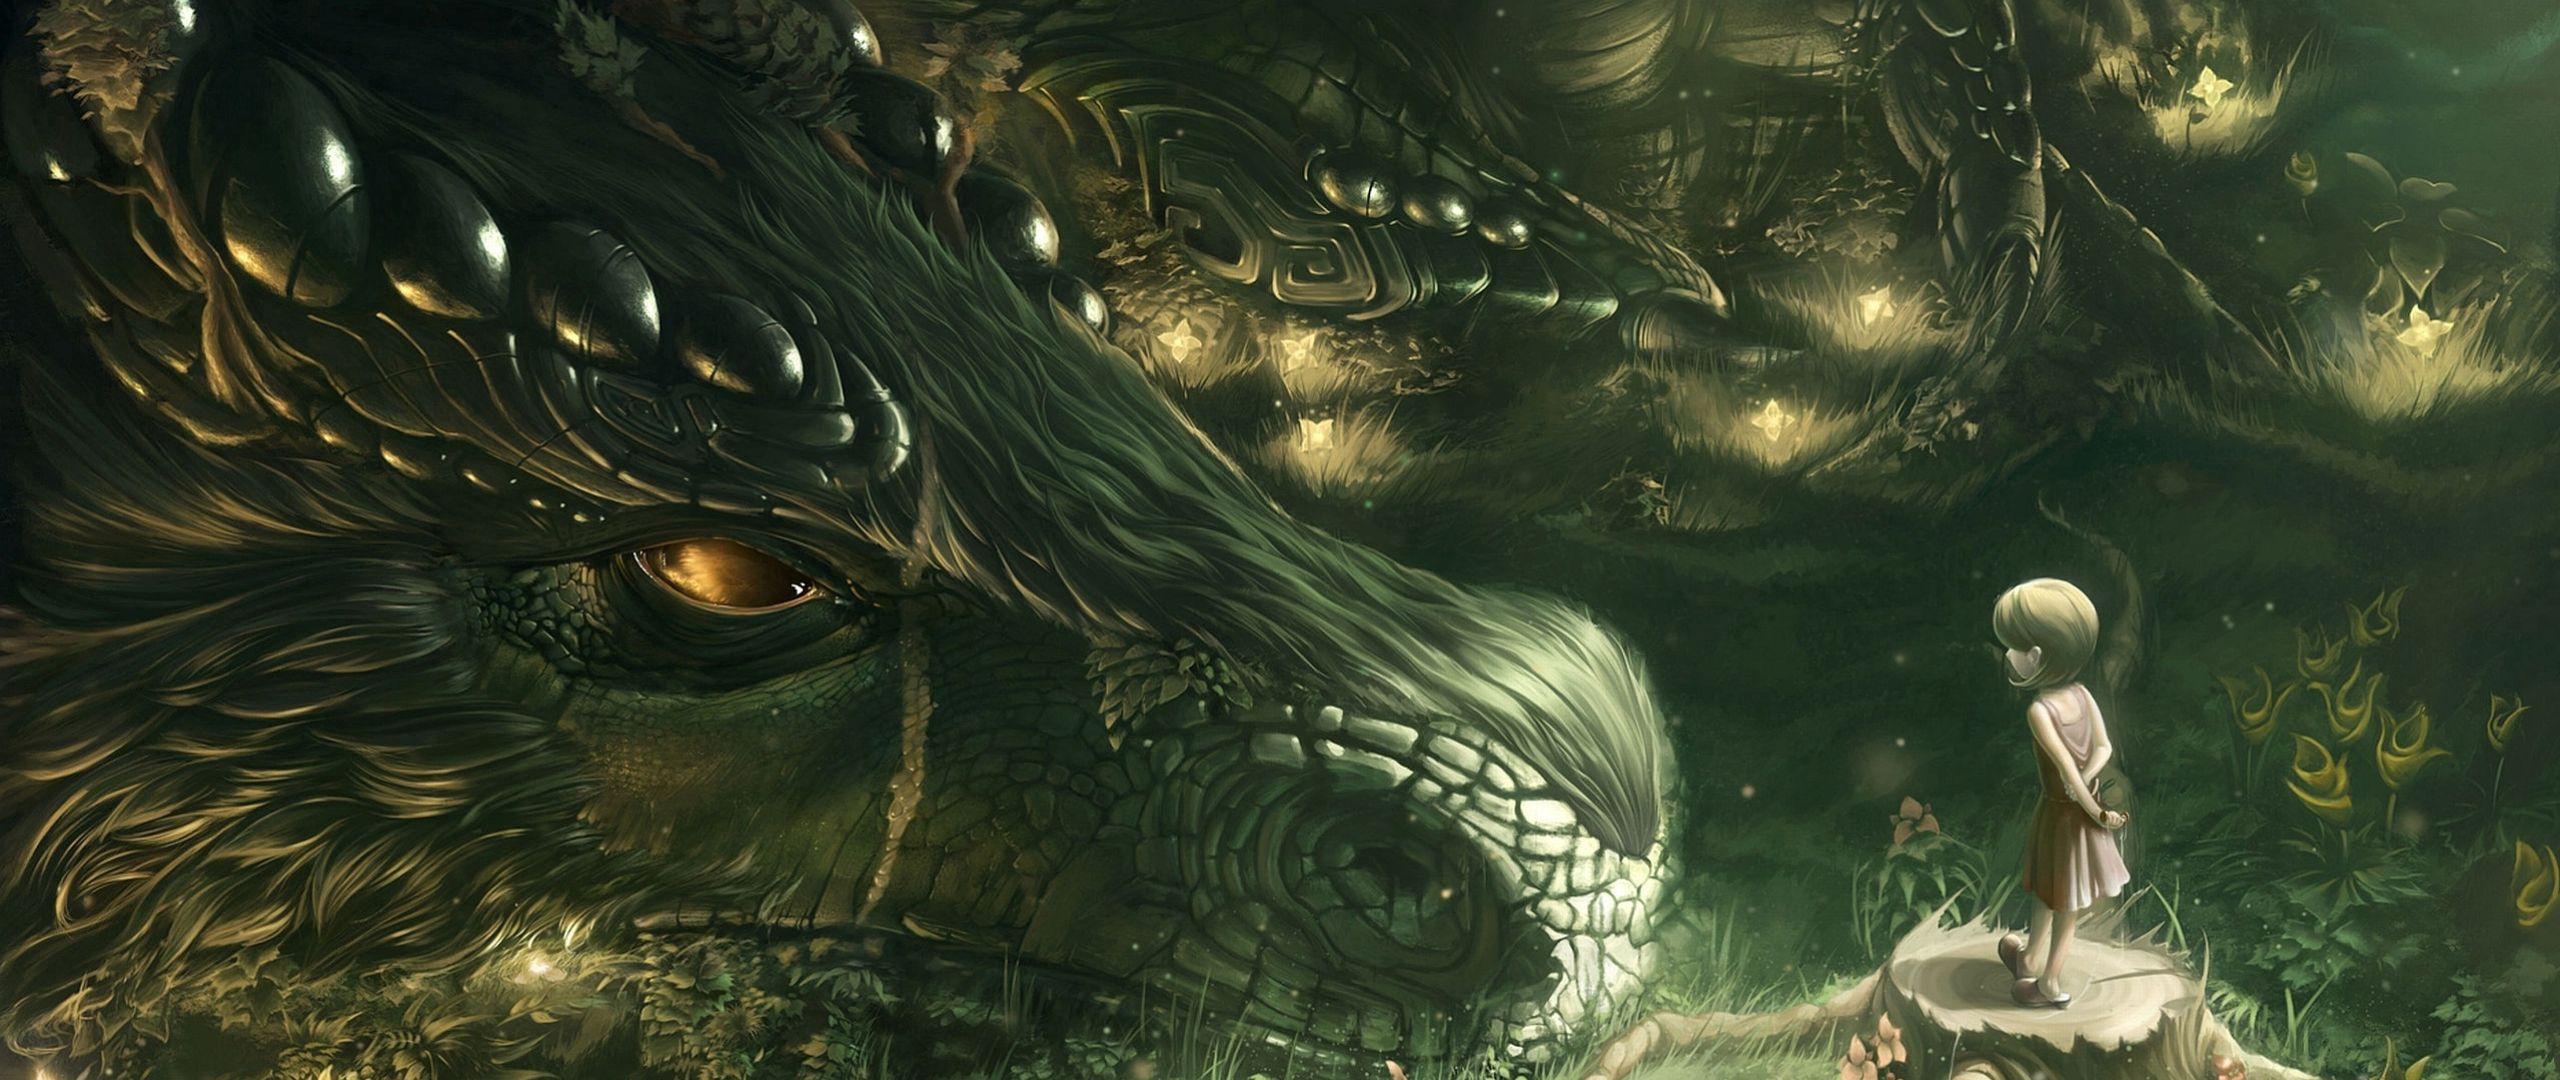 2560x1080 Wallpaper dragon, girl, forest, art